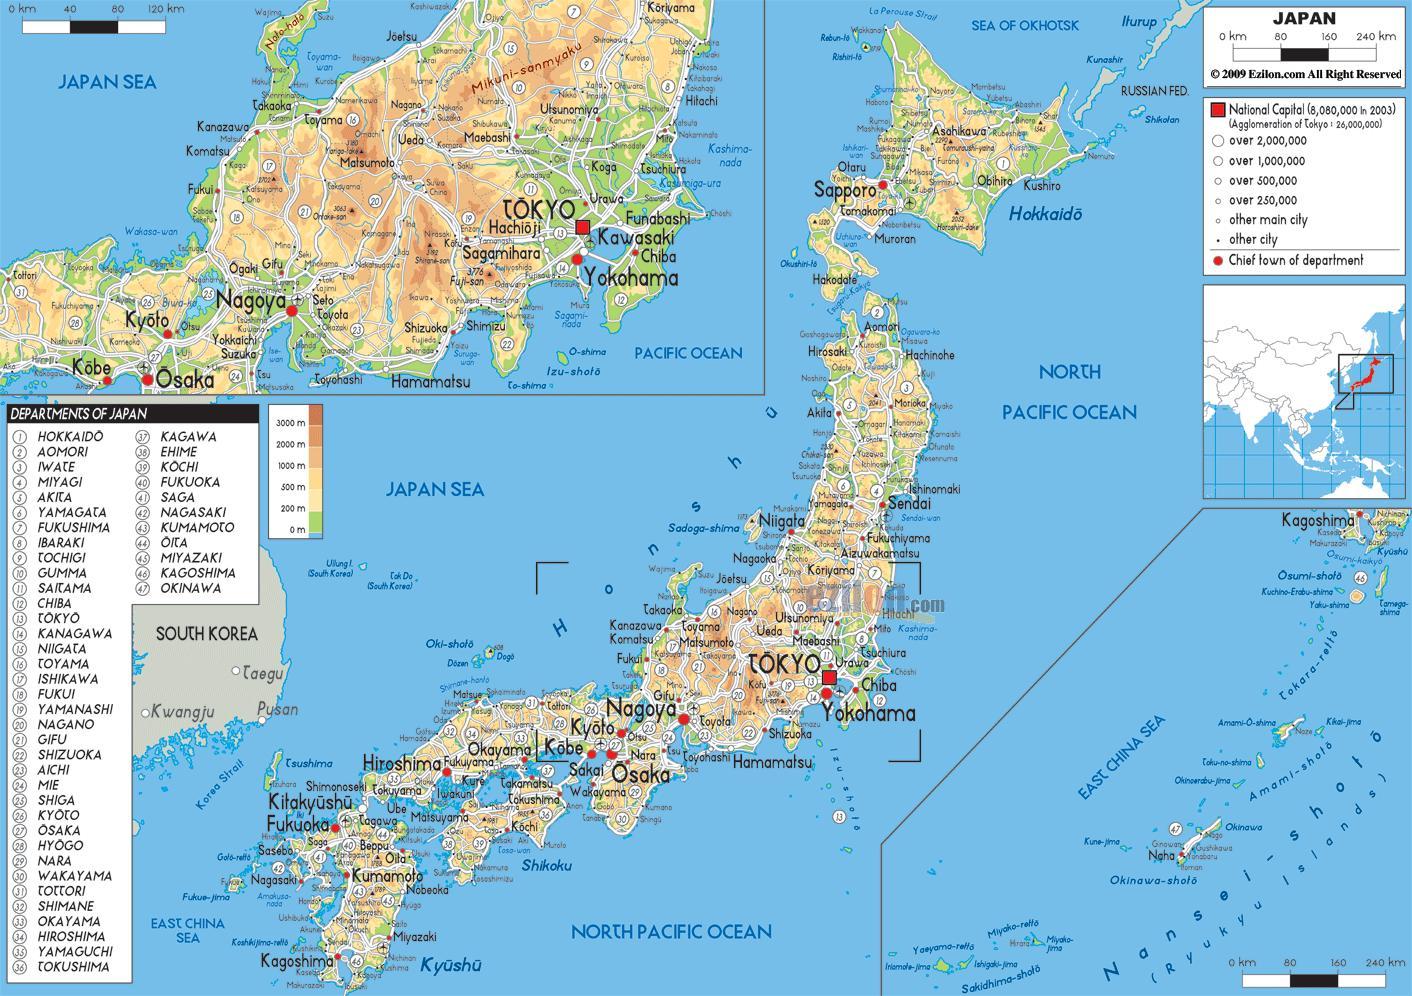 La Cartina Del Giappone.Mappa Geografica Del Giappone Mappa Del Giappone Geografiche Asia Orientale Asia